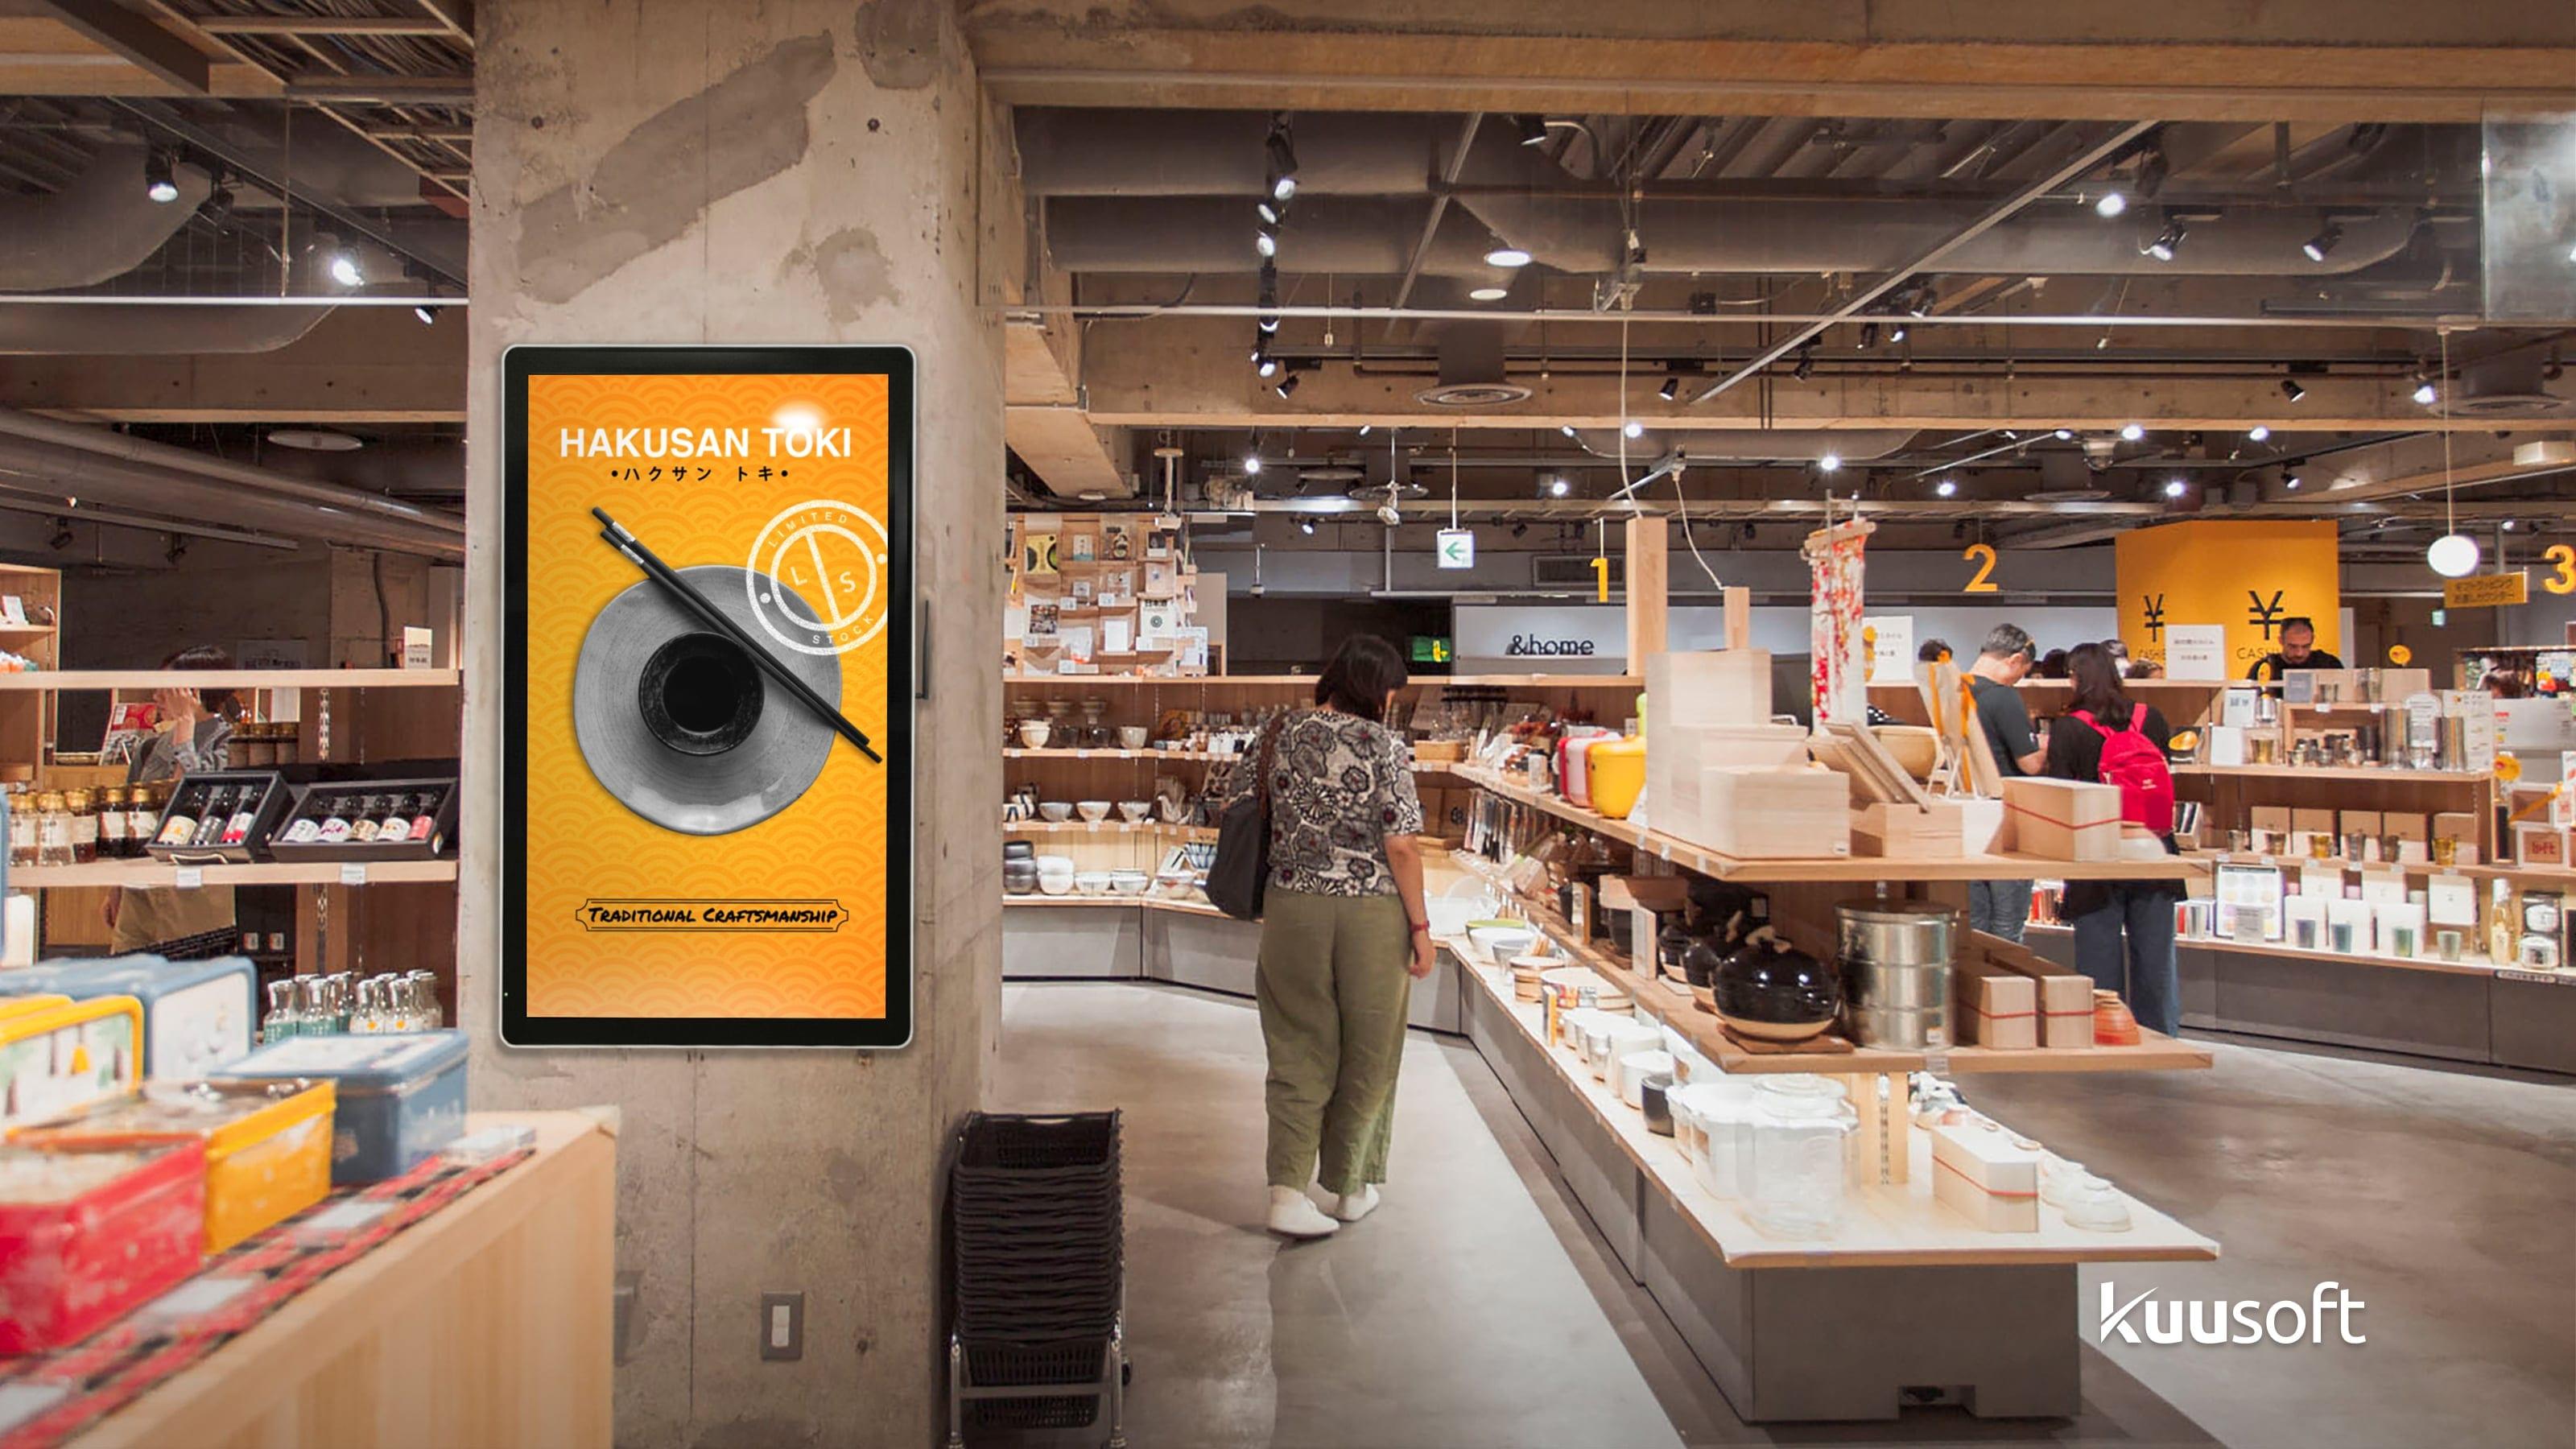 Retail Digital Signage with Hakusan Toki. Traditional Craftsmanship store